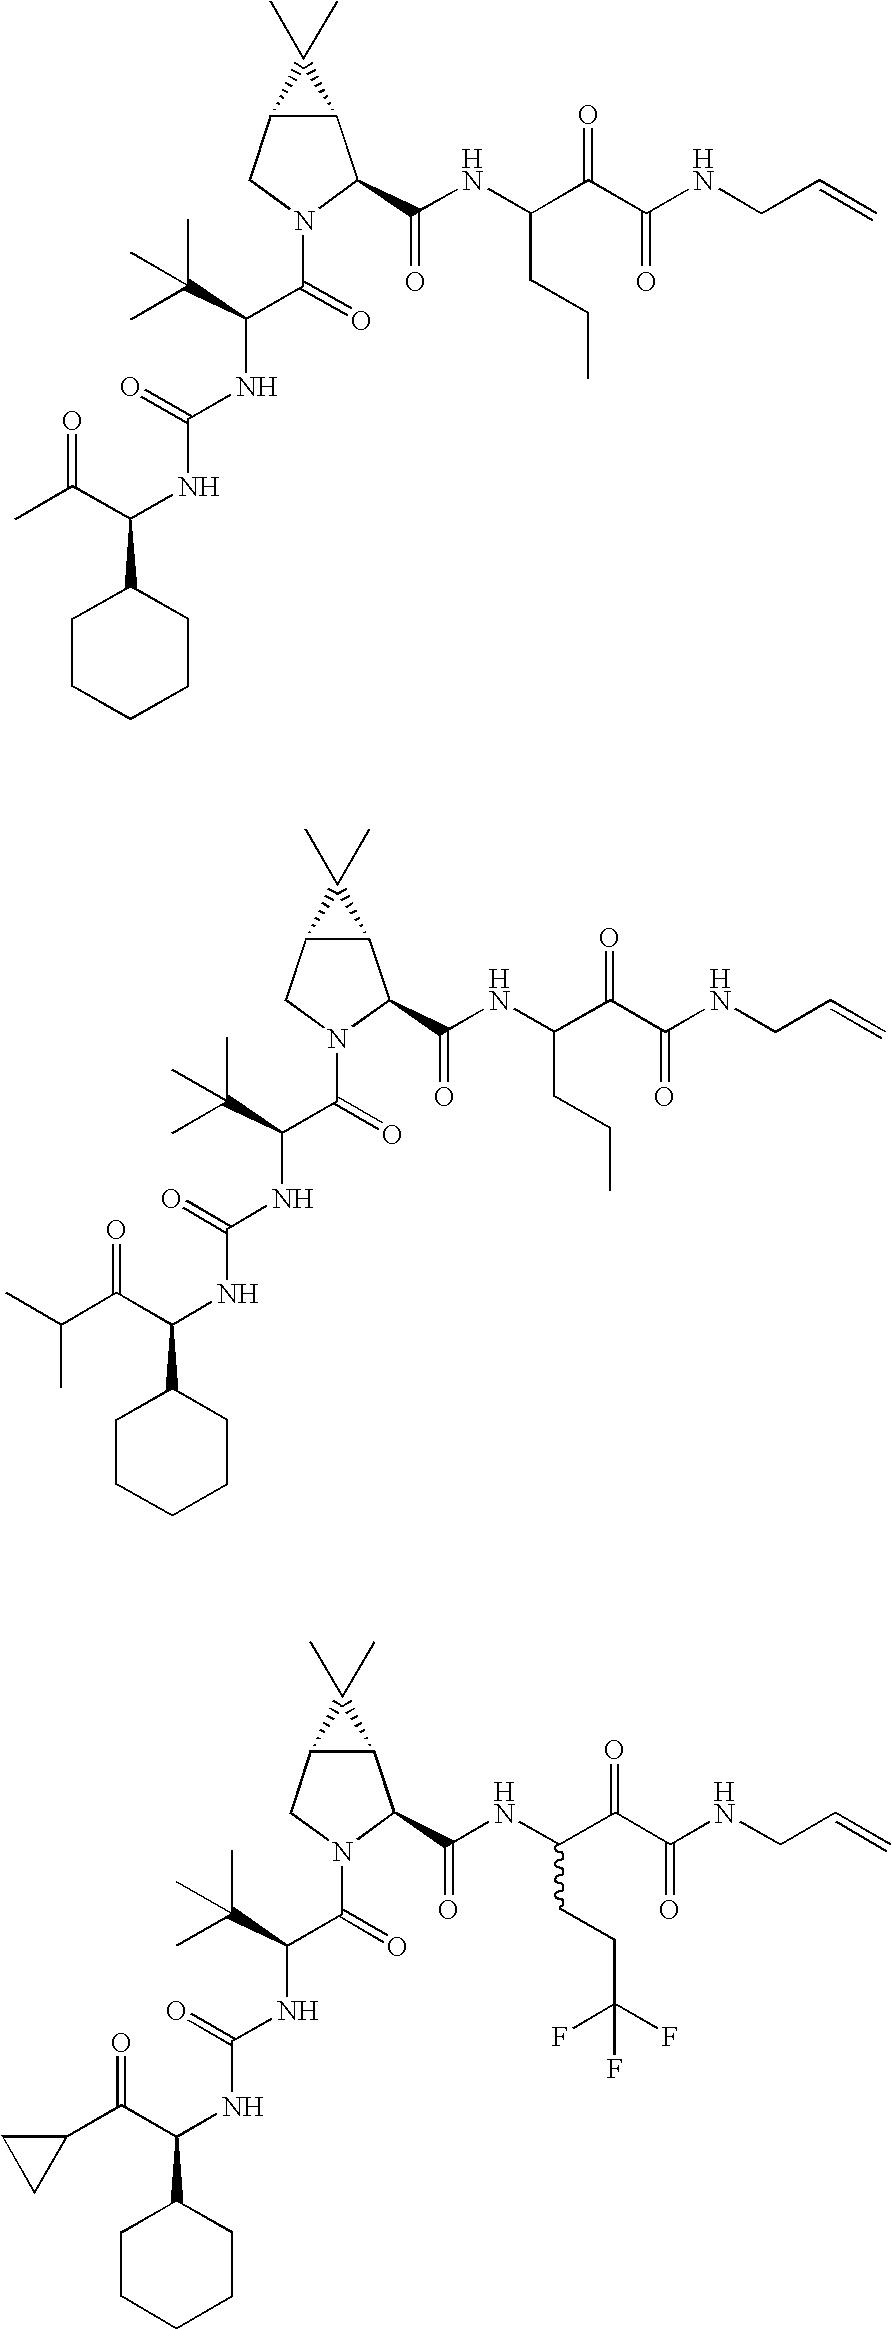 Figure US20060287248A1-20061221-C00237